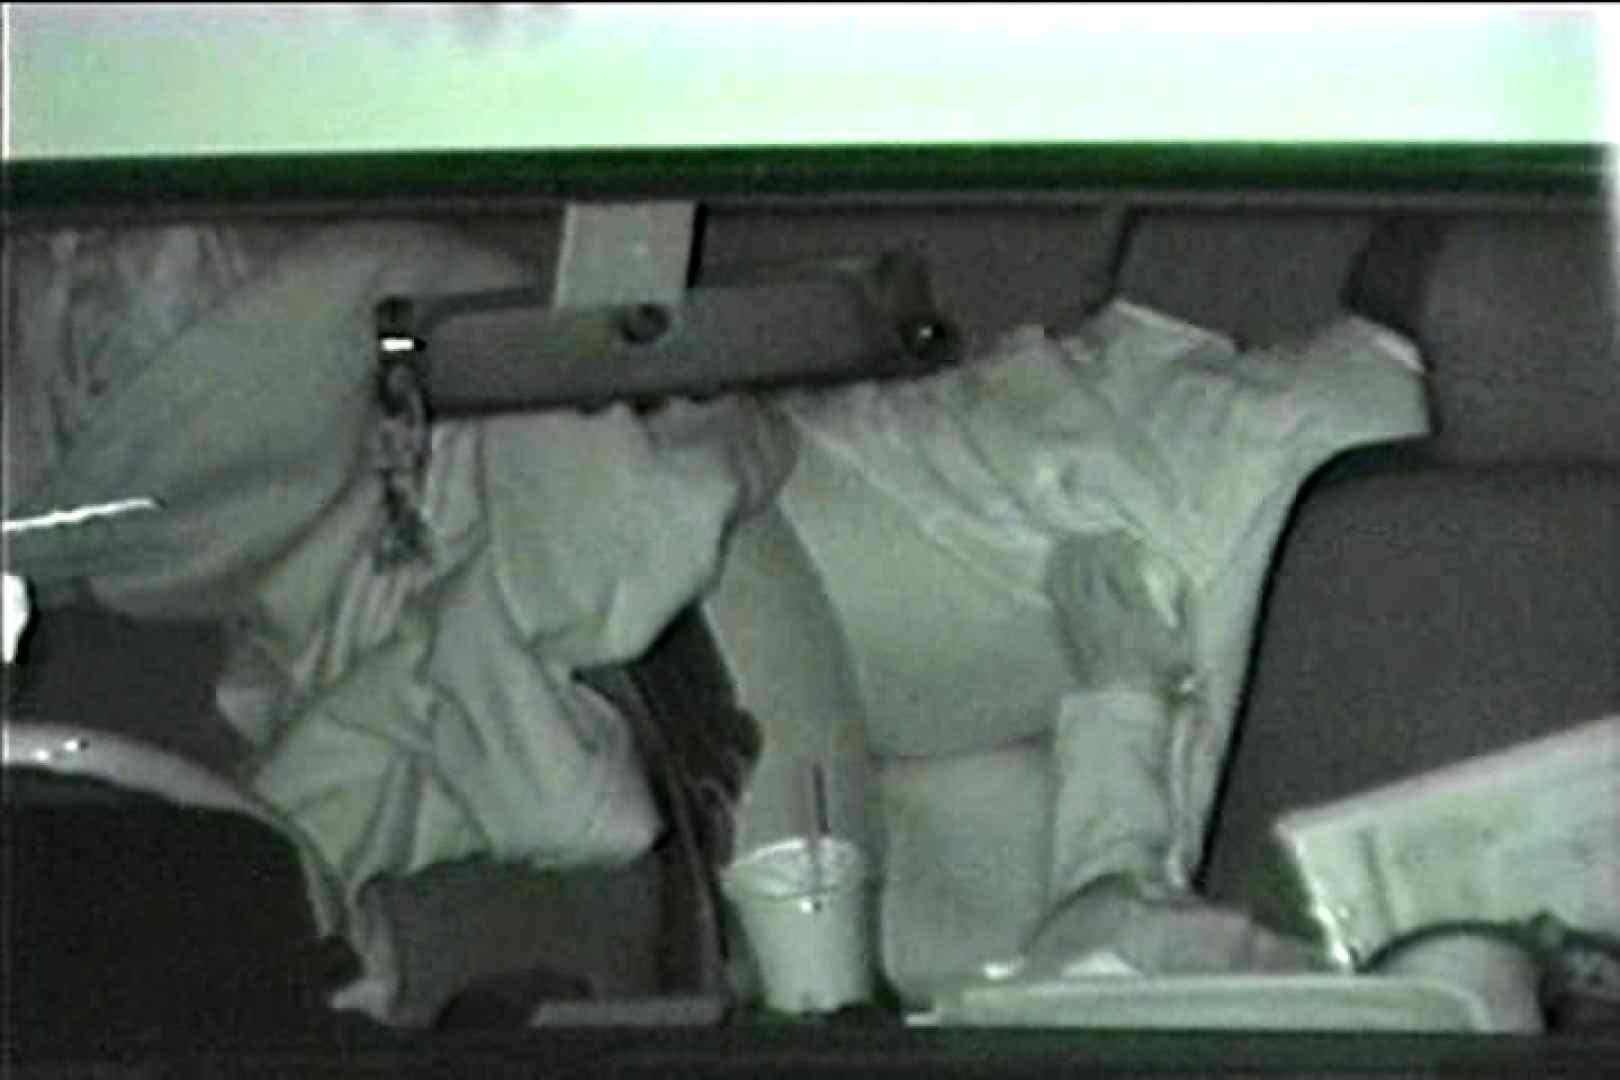 車の中はラブホテル 無修正版  Vol.7 接写 隠し撮りセックス画像 81画像 18